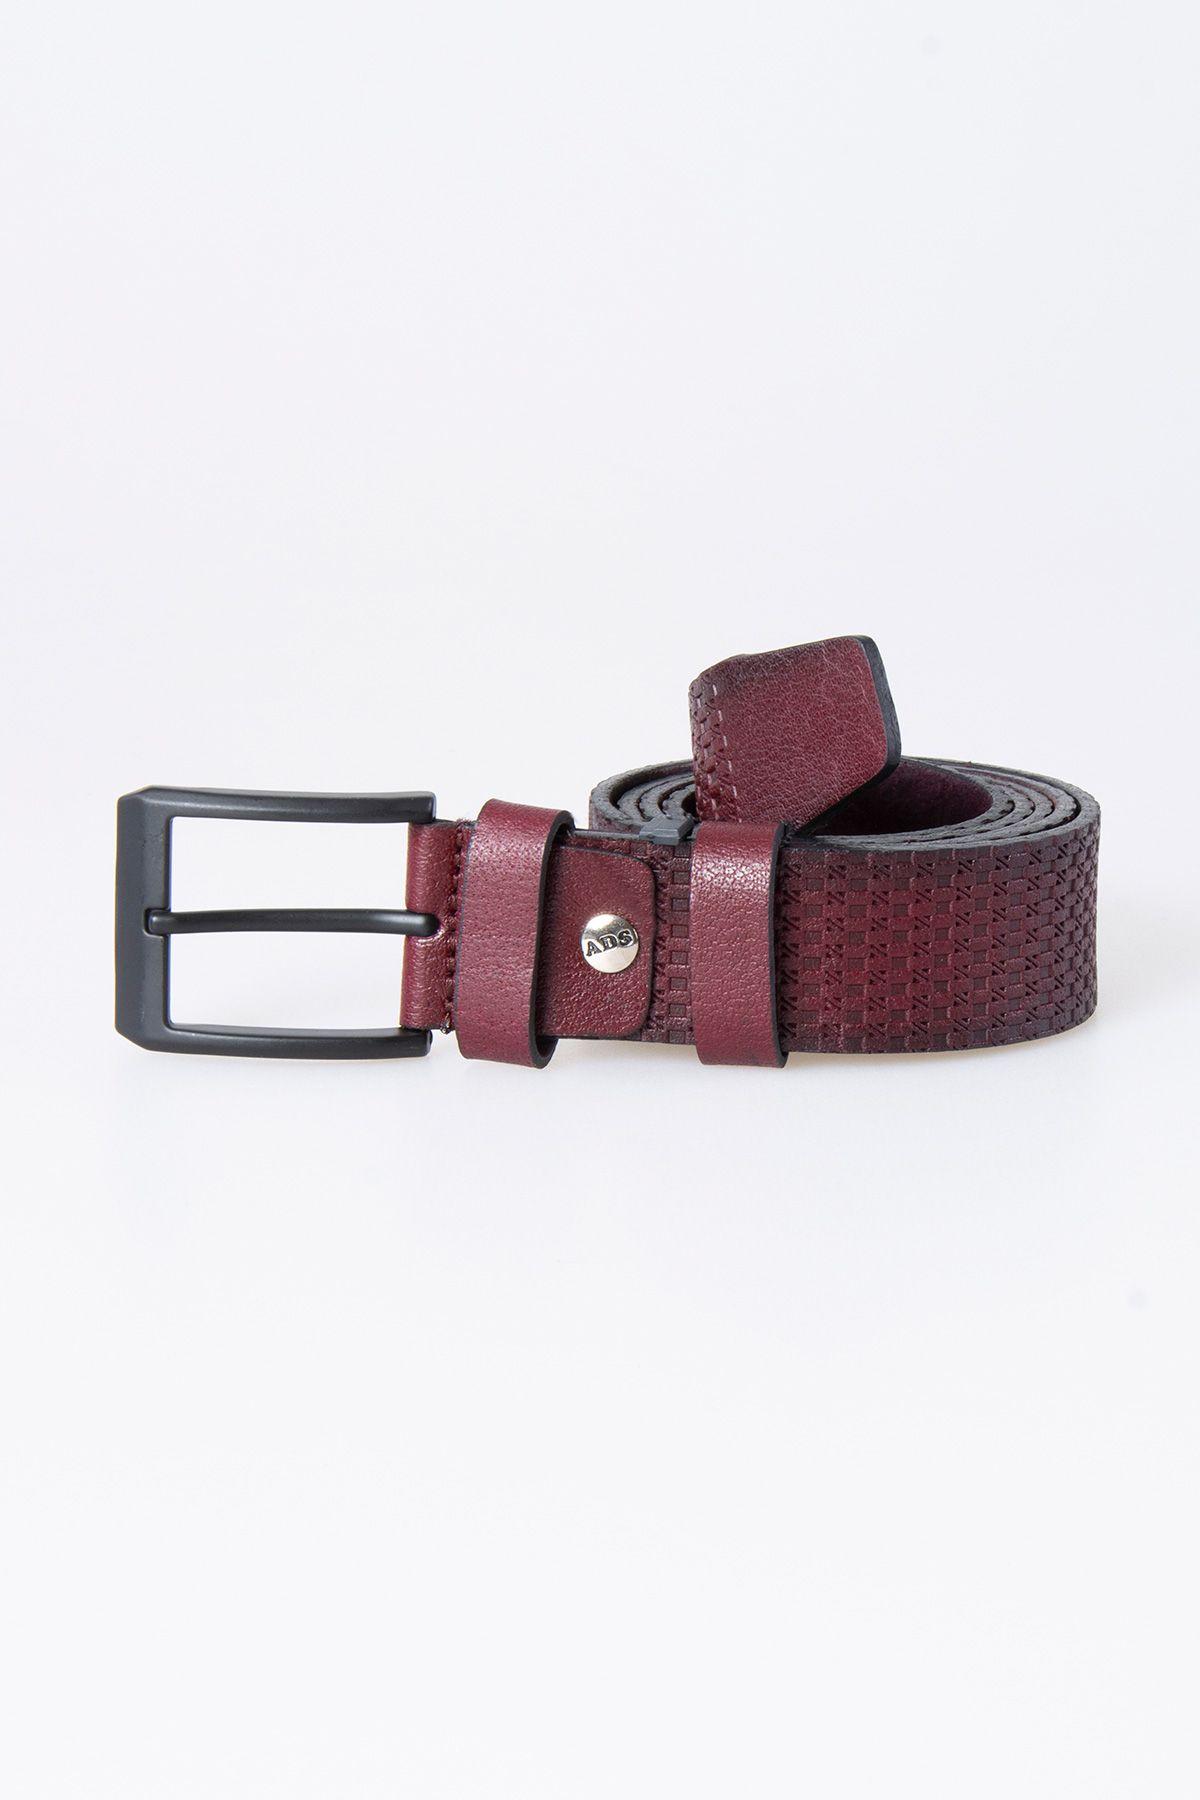 Pegia Original Leather Men's Belt 19KMR04 Claret red